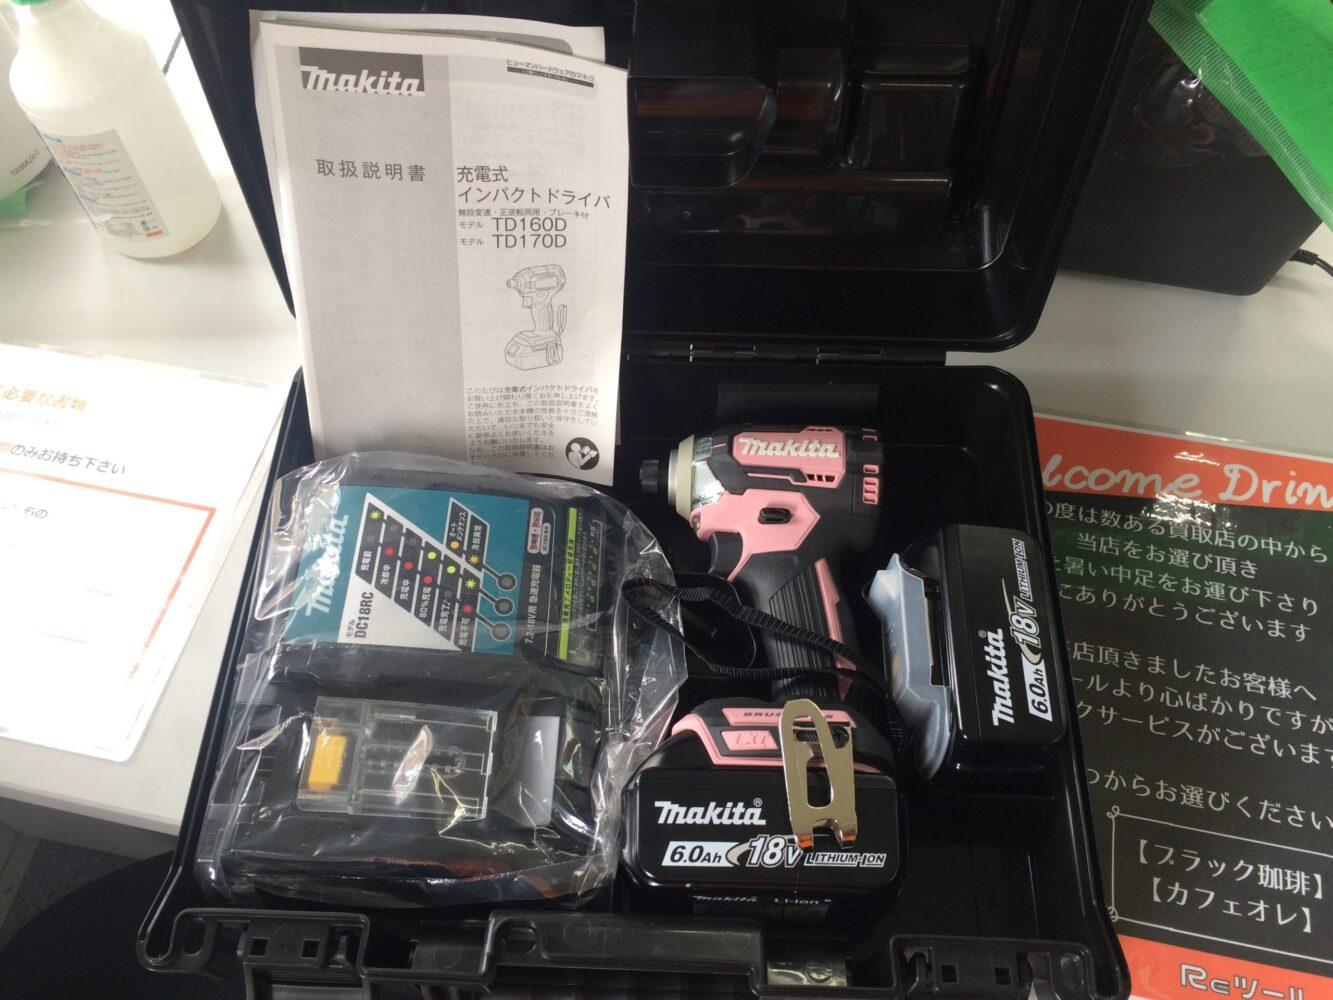 マキタ(makita) 充電式インパクトドライバー TD170DRGX 買取